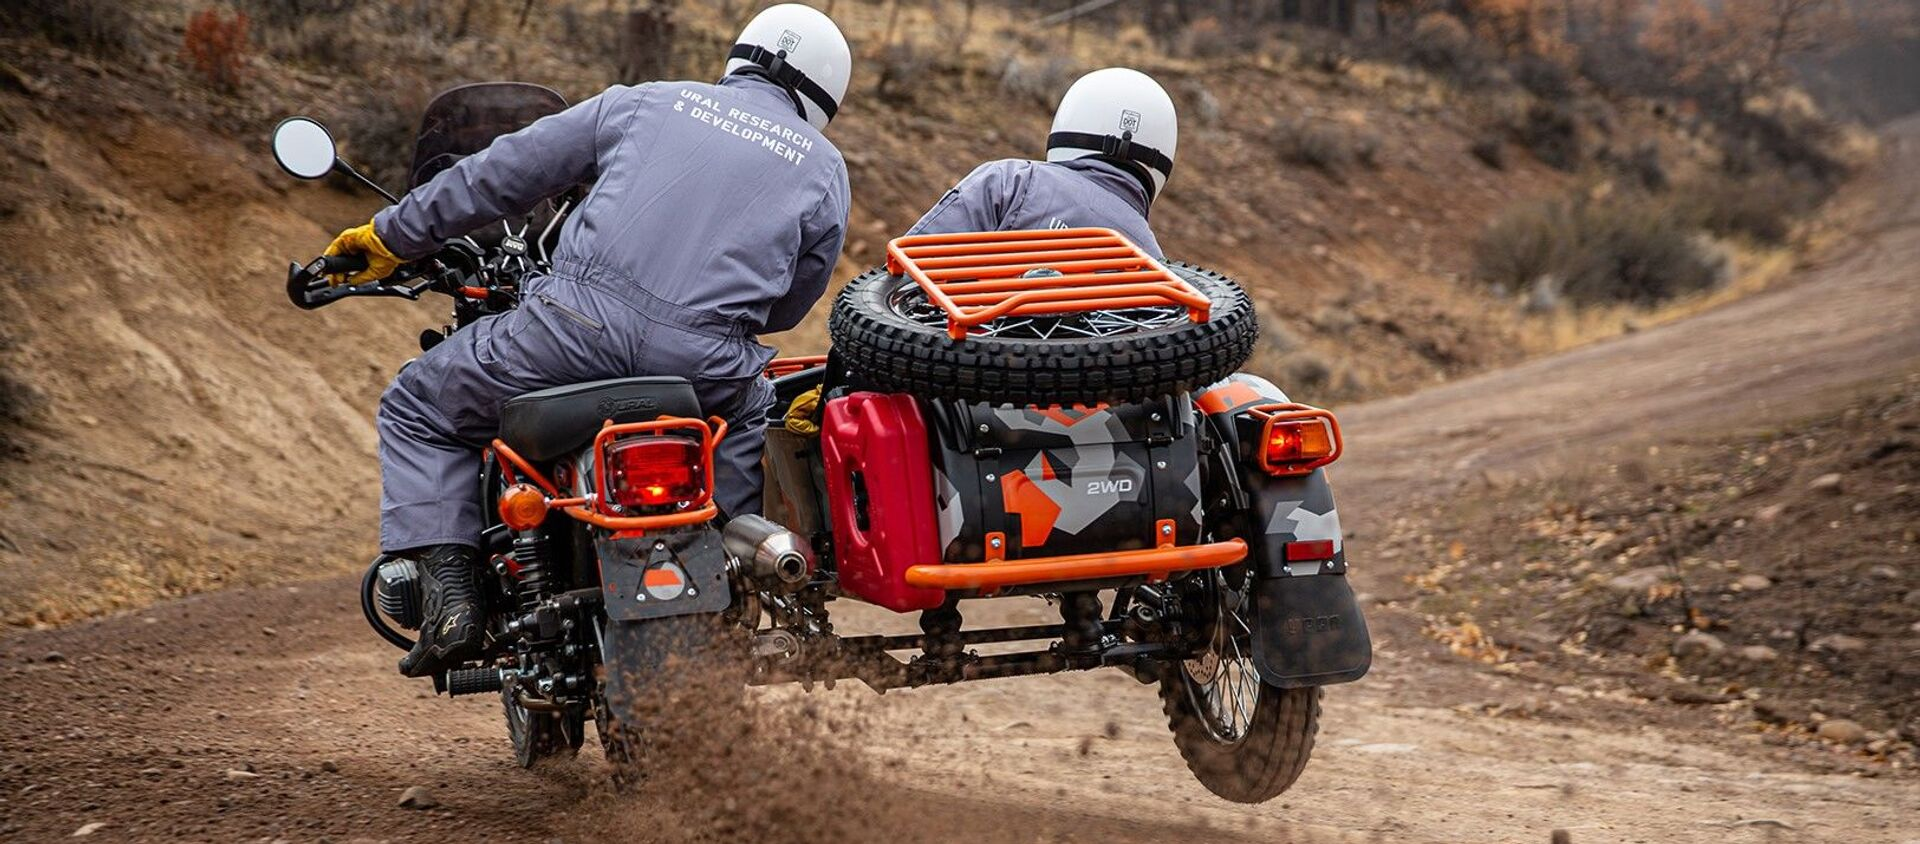 Xe mô tô sidecar mới của Nga Ural Gear Up GEO do nhà máy chế tạo Irbit sản xuất. - Sputnik Việt Nam, 1920, 09.01.2021